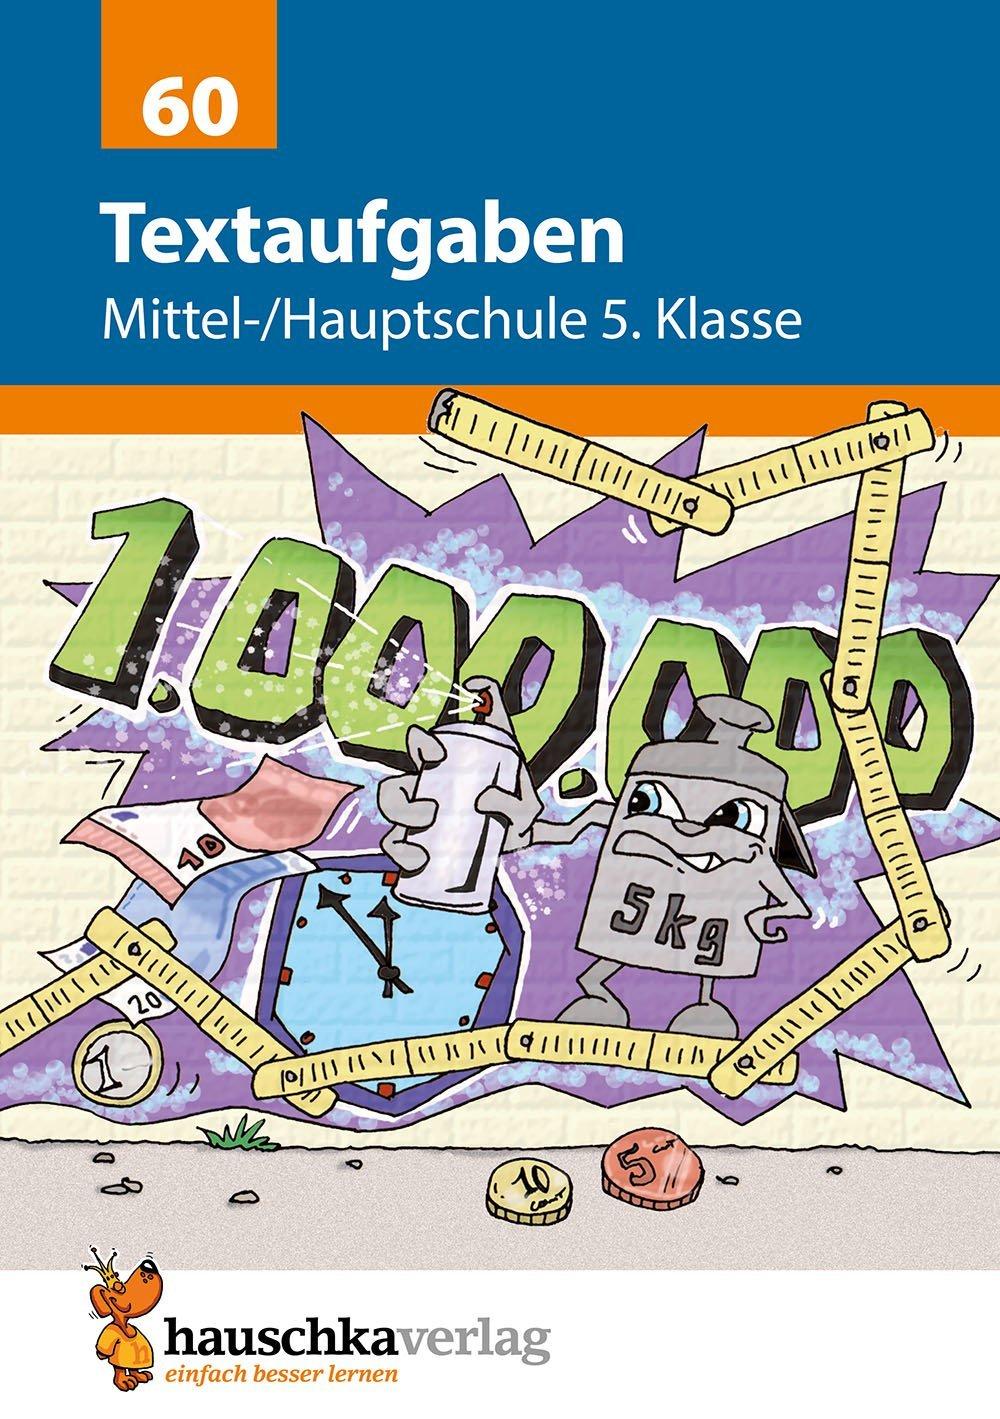 Textaufgaben Mittel-/Hauptschule 5. Klasse (Mathematik: Textaufgaben/Sachaufgaben, Band 60)